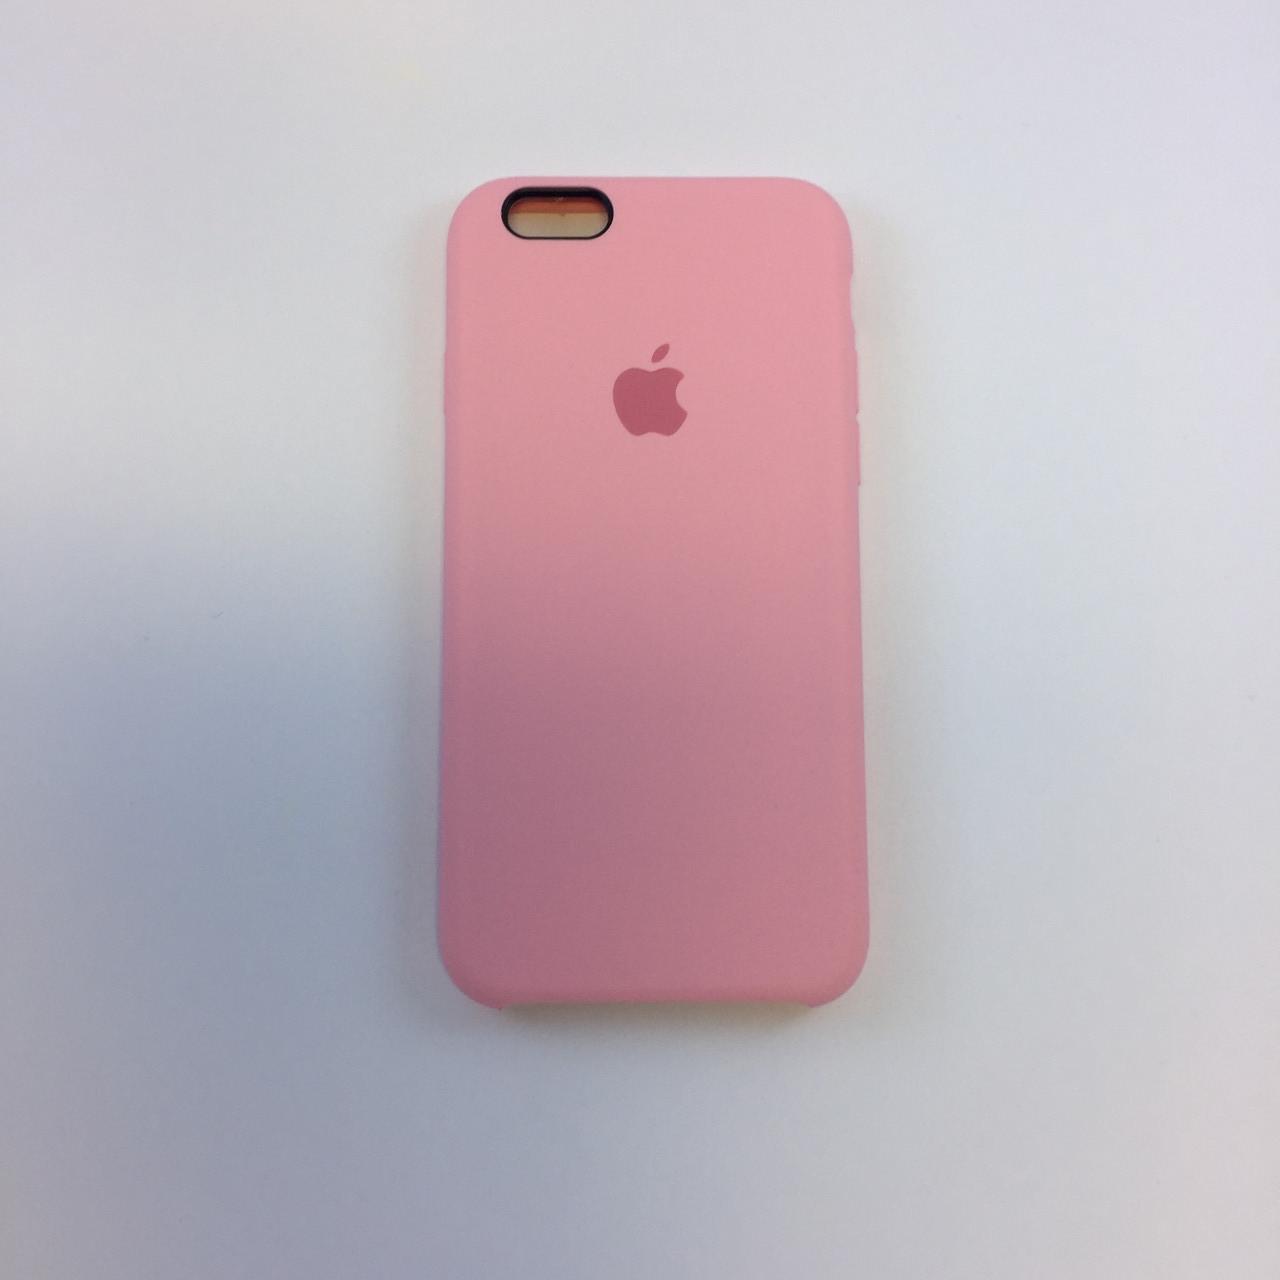 Чехол для iPhone 6/6s Plus, цветущая роза, силикон, copy original